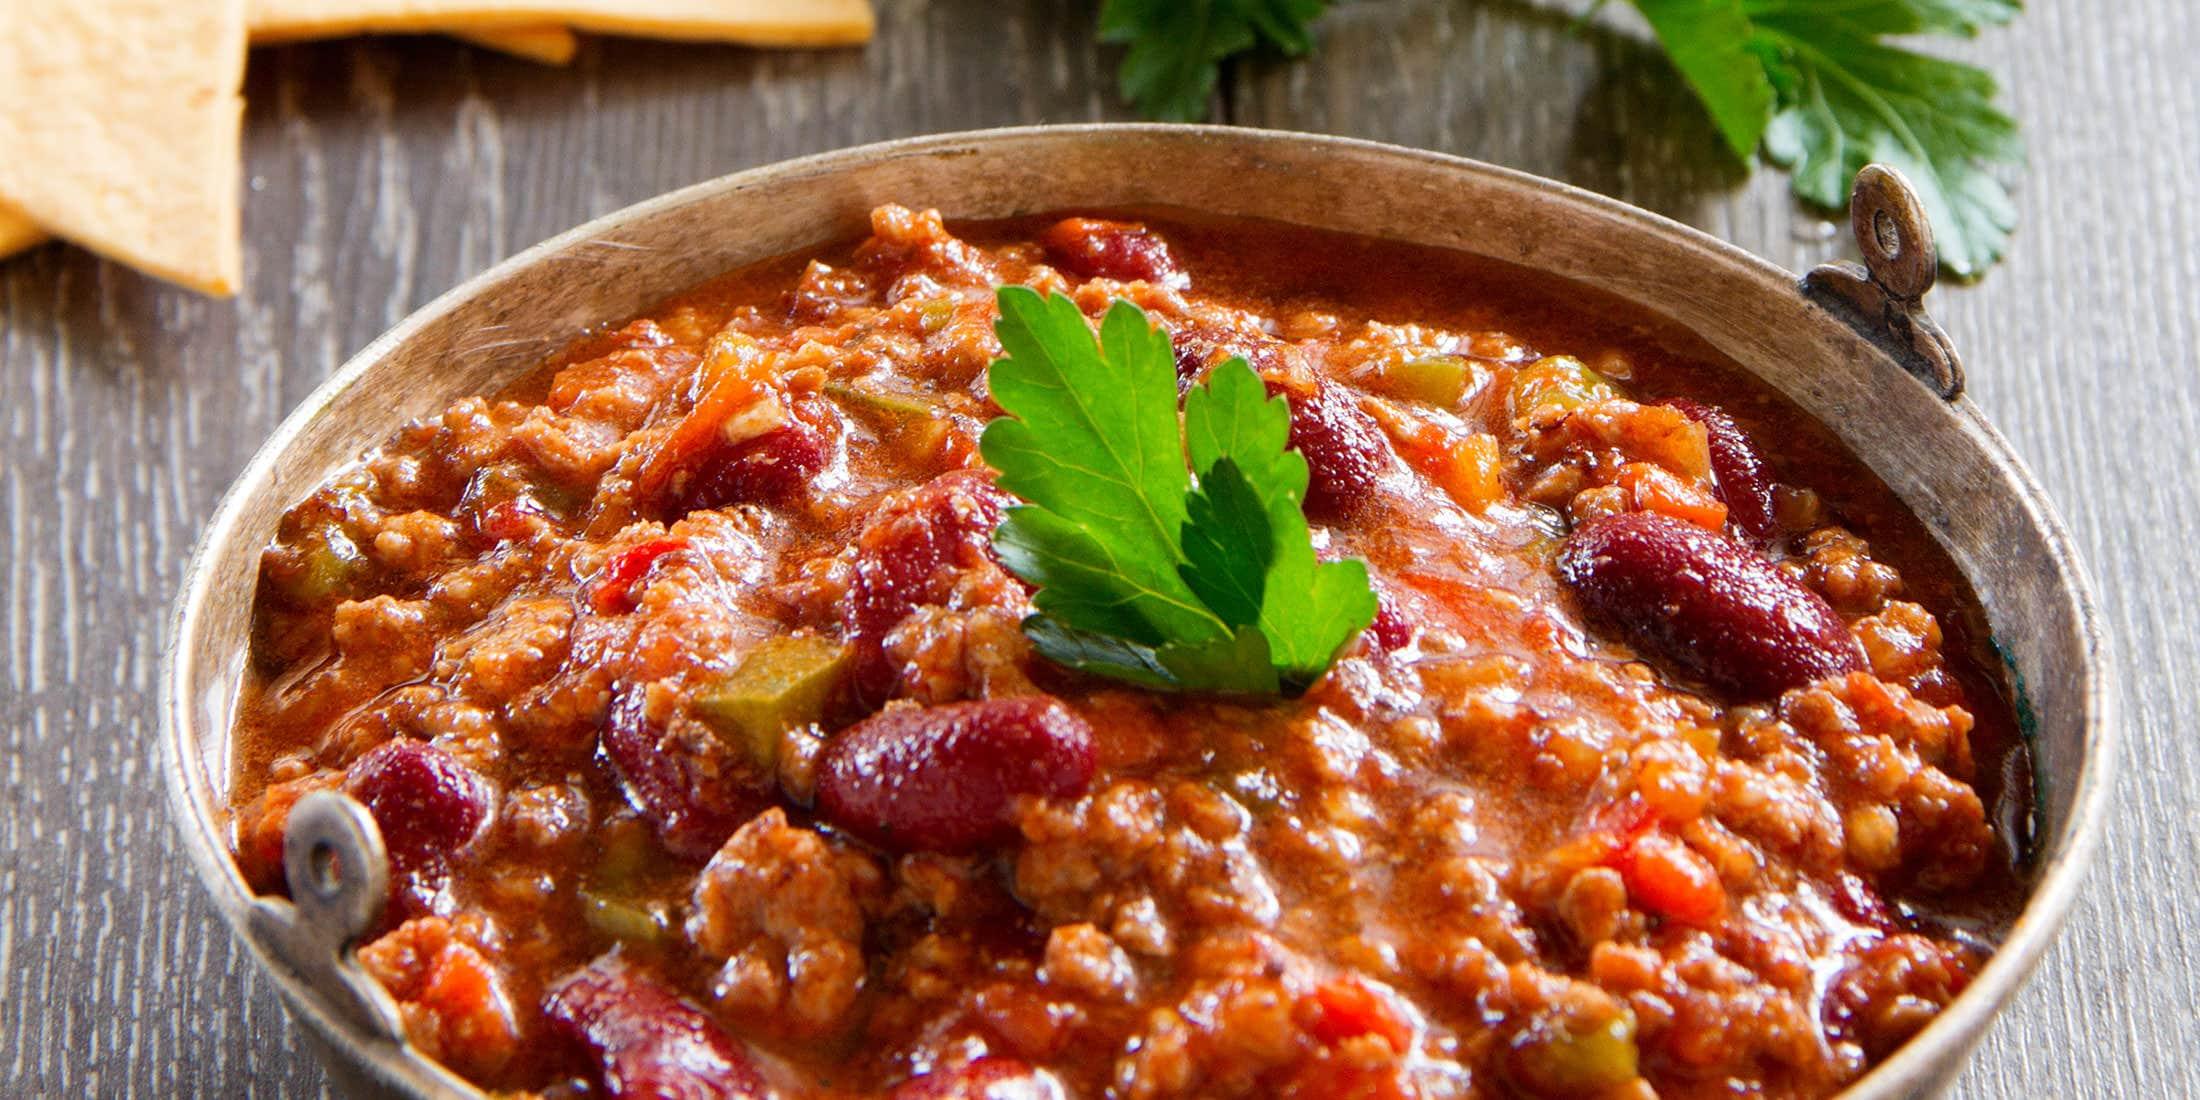 Фото блюдо чили